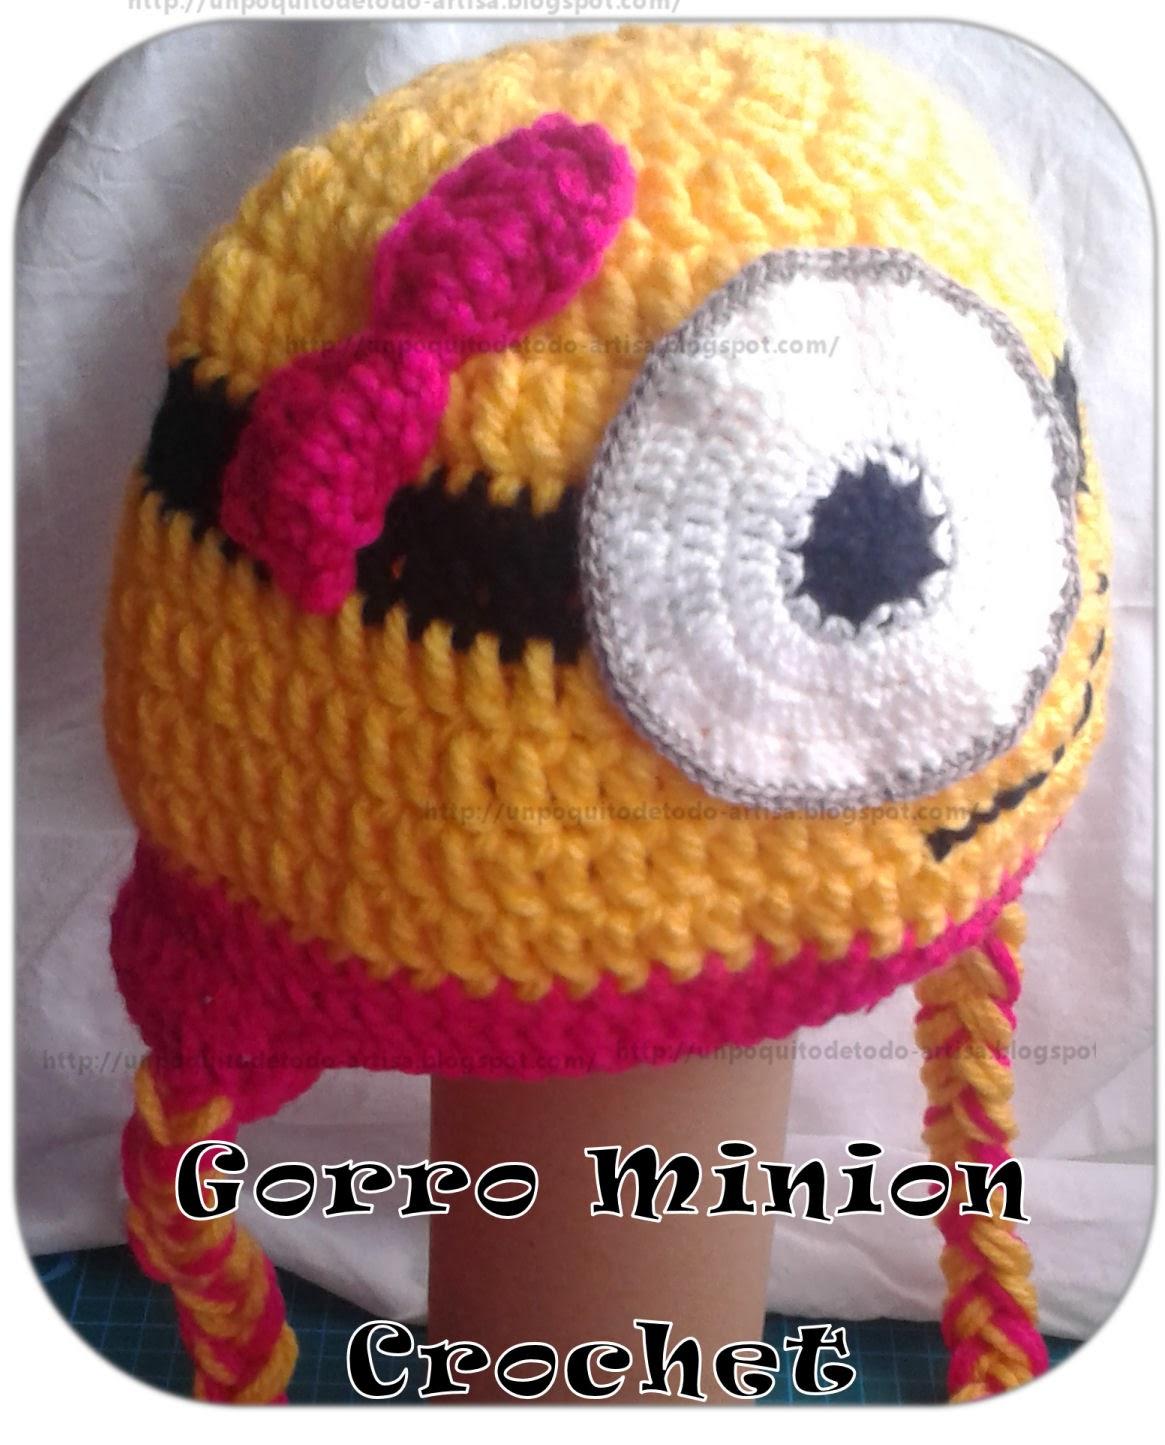 Un Poquito de Todo: Gorro minion a crochet - encargo